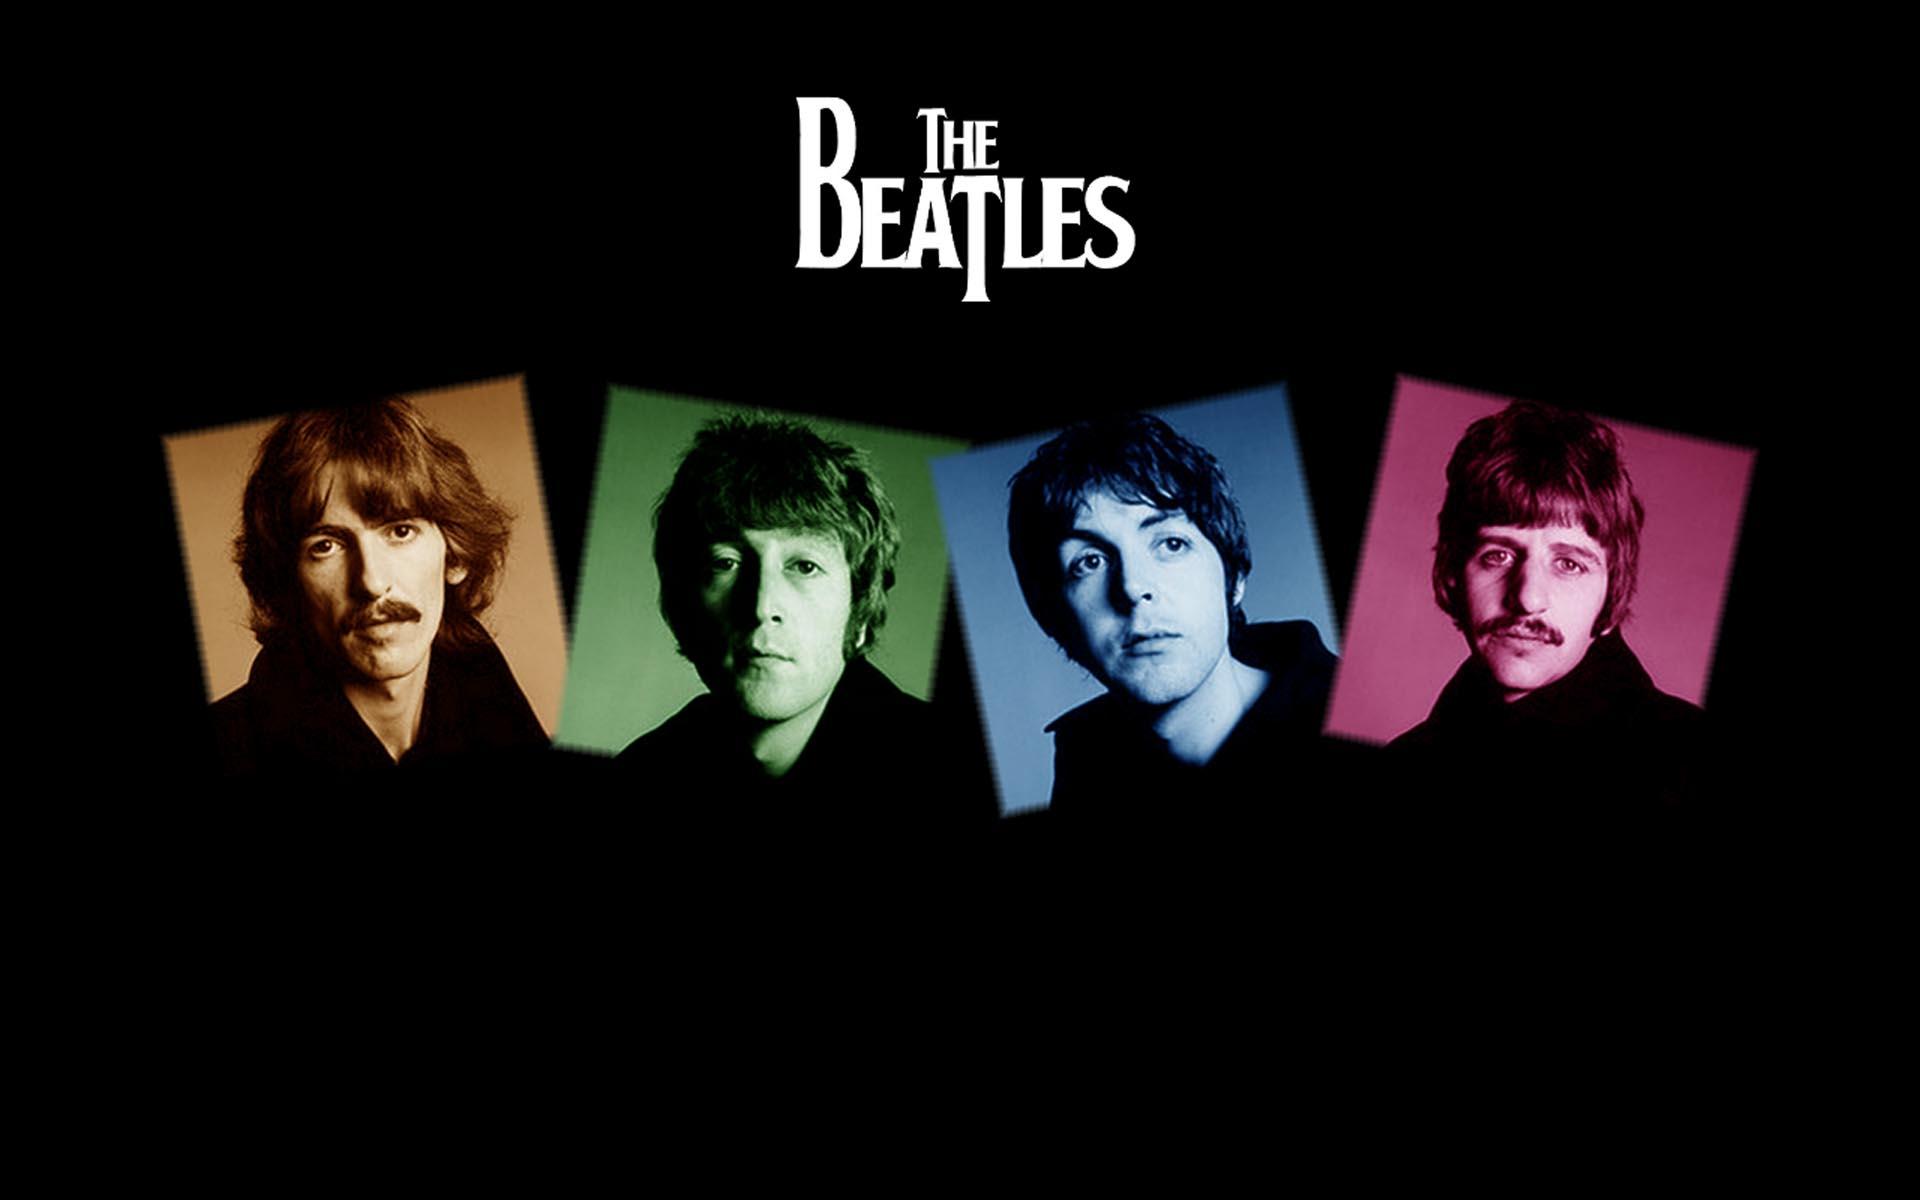 [50+] The Beatles Wallpaper Desktop on WallpaperSafari